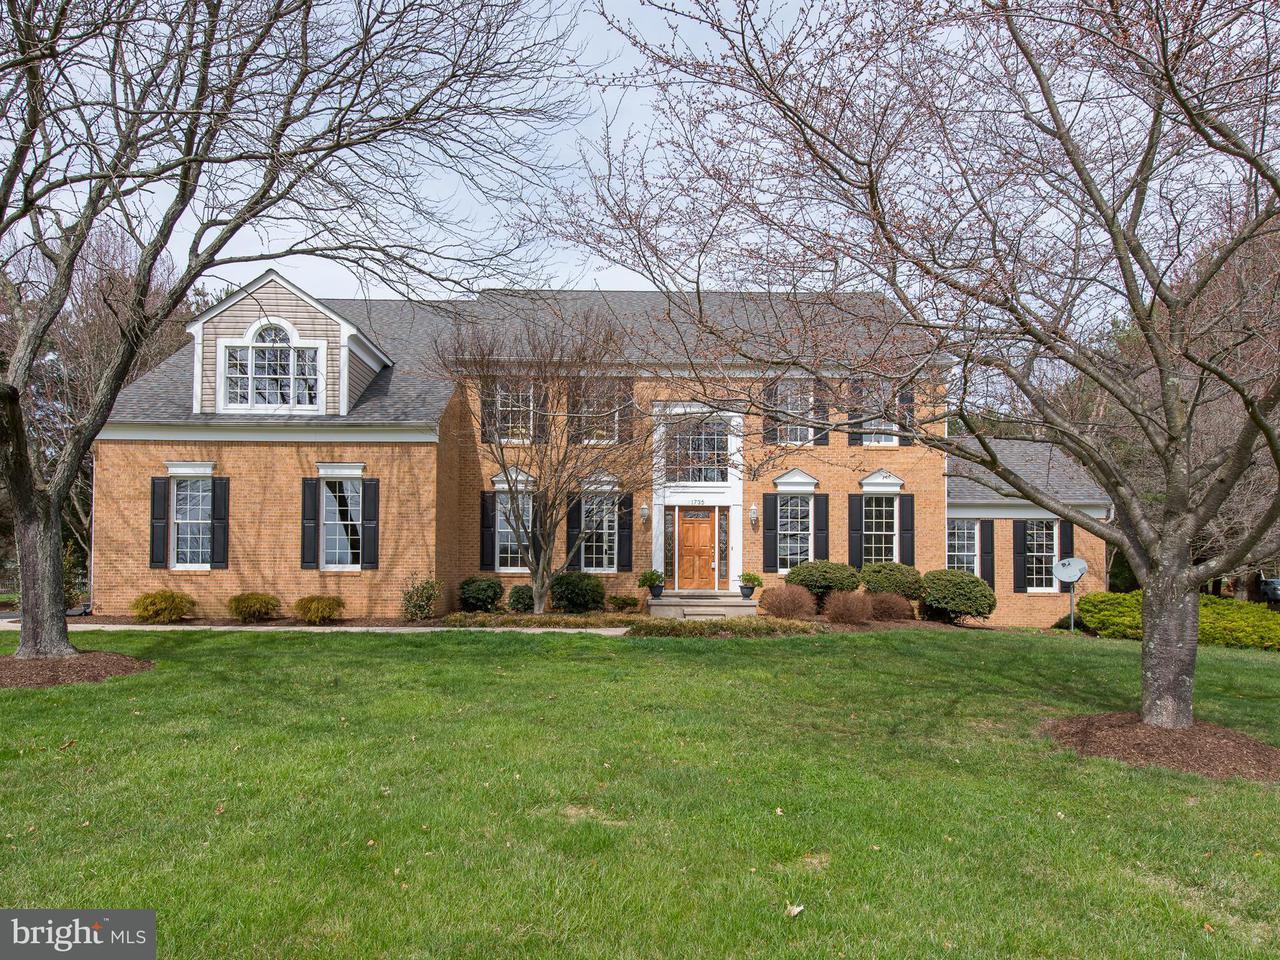 獨棟家庭住宅 為 出售 在 1735 Willow Springs Drive 1735 Willow Springs Drive Sykesville, 馬里蘭州 21784 美國